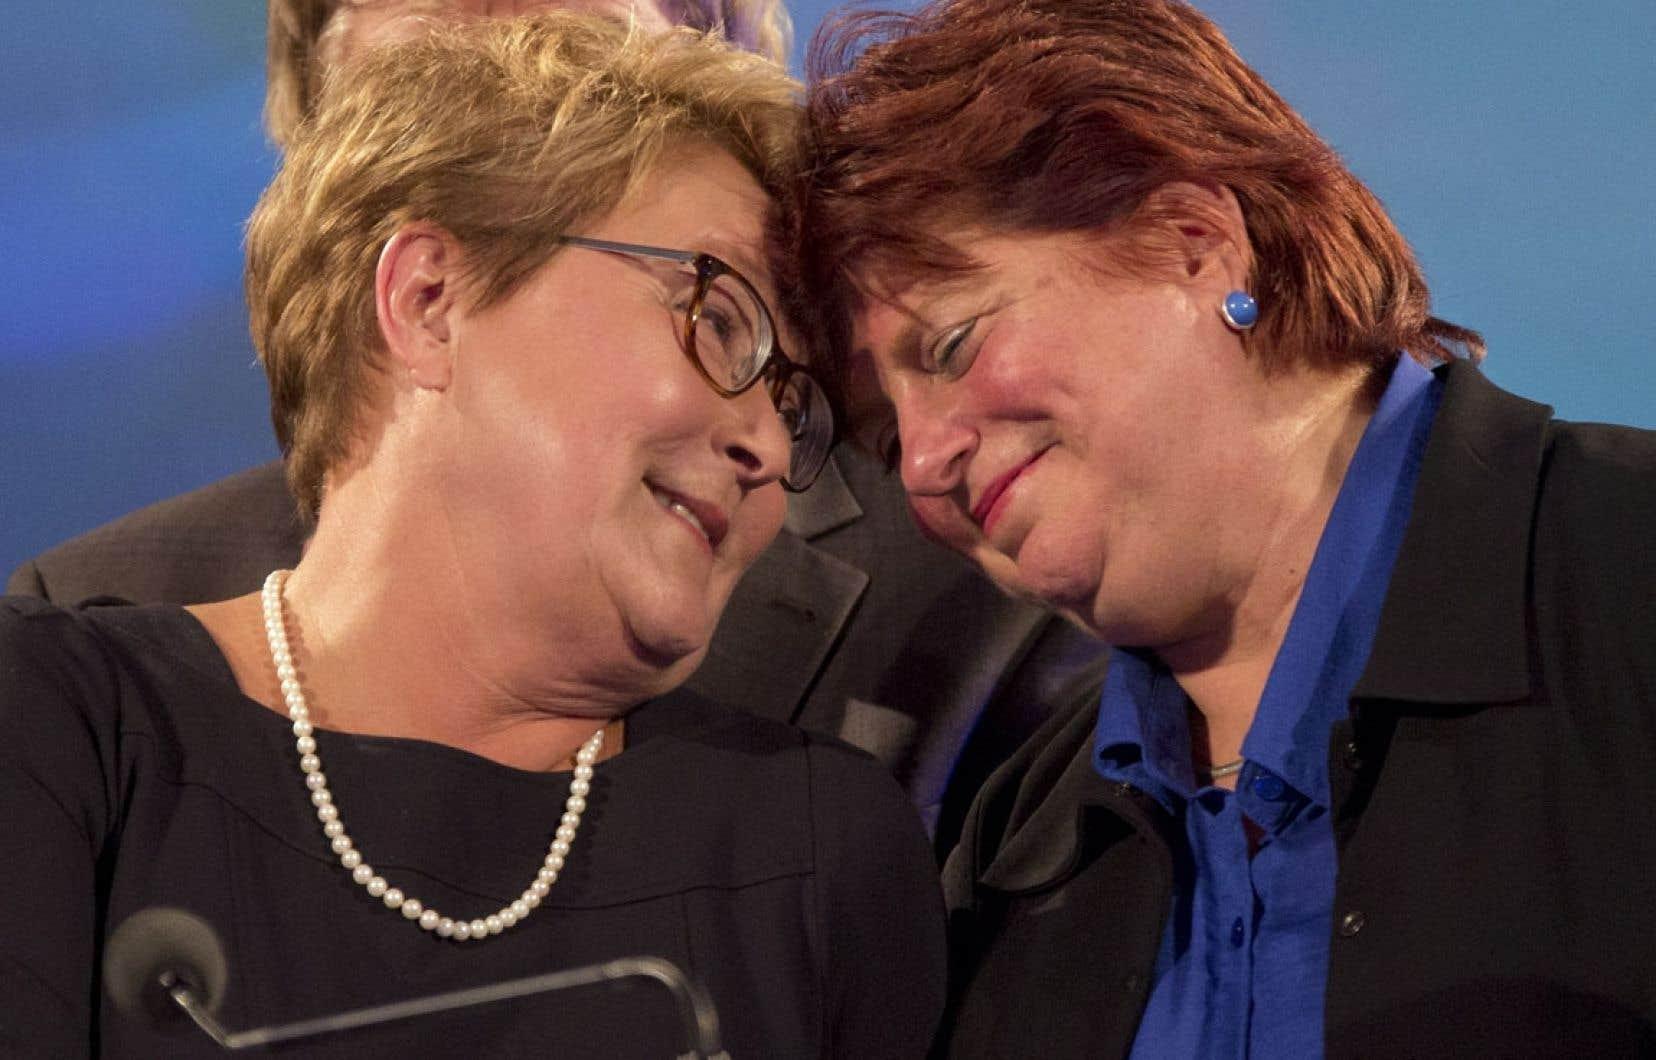 Pauline Marois, en compagnie de sa collègue et amie Nicole Léger, lors de l'annonce de sa démission comme chef du Parti québécois lundi soir.